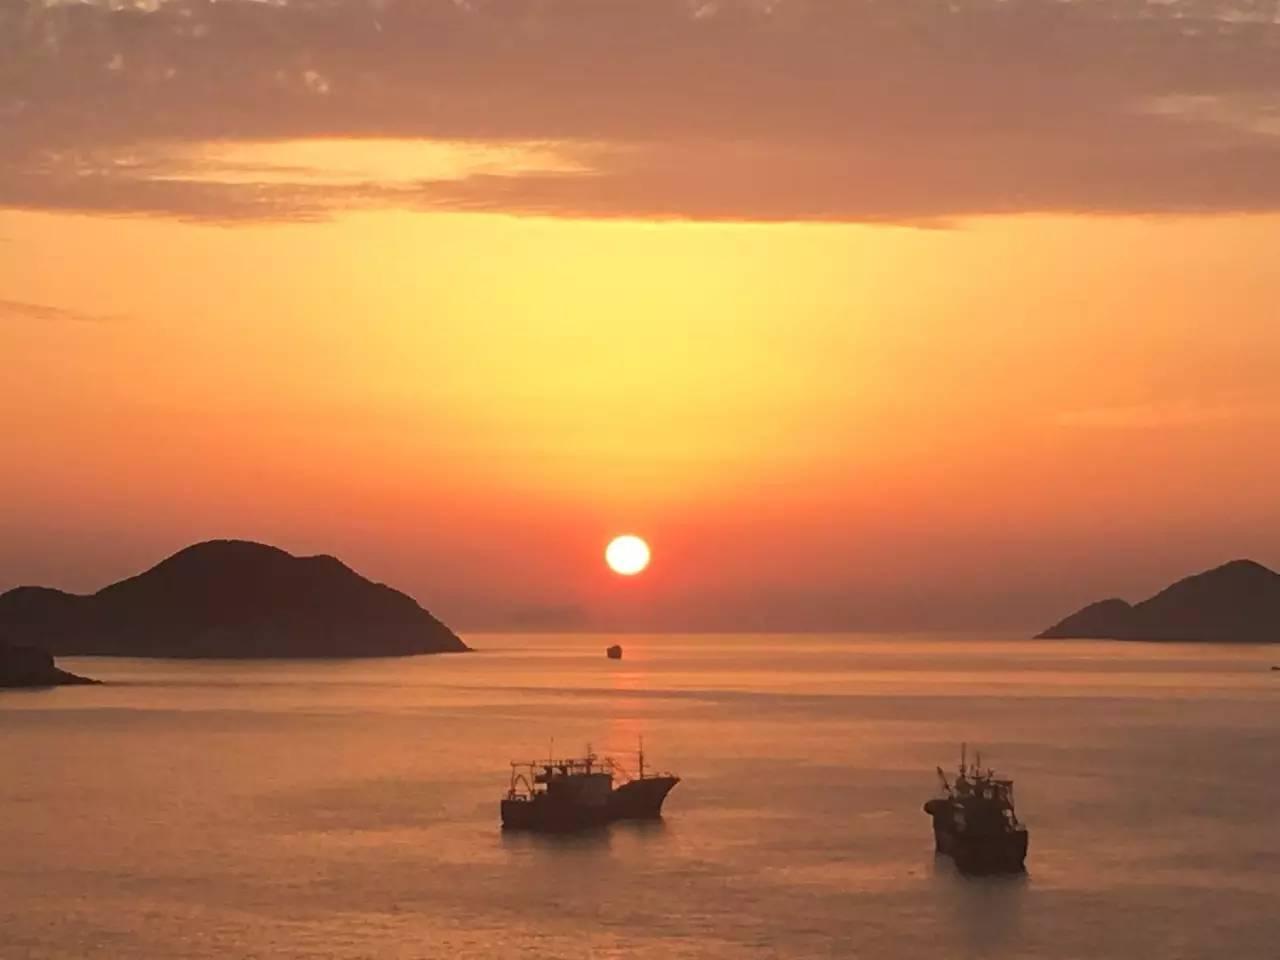 【三人行户外】普吉岛太远南麂岛人满,这个绝美小岛有